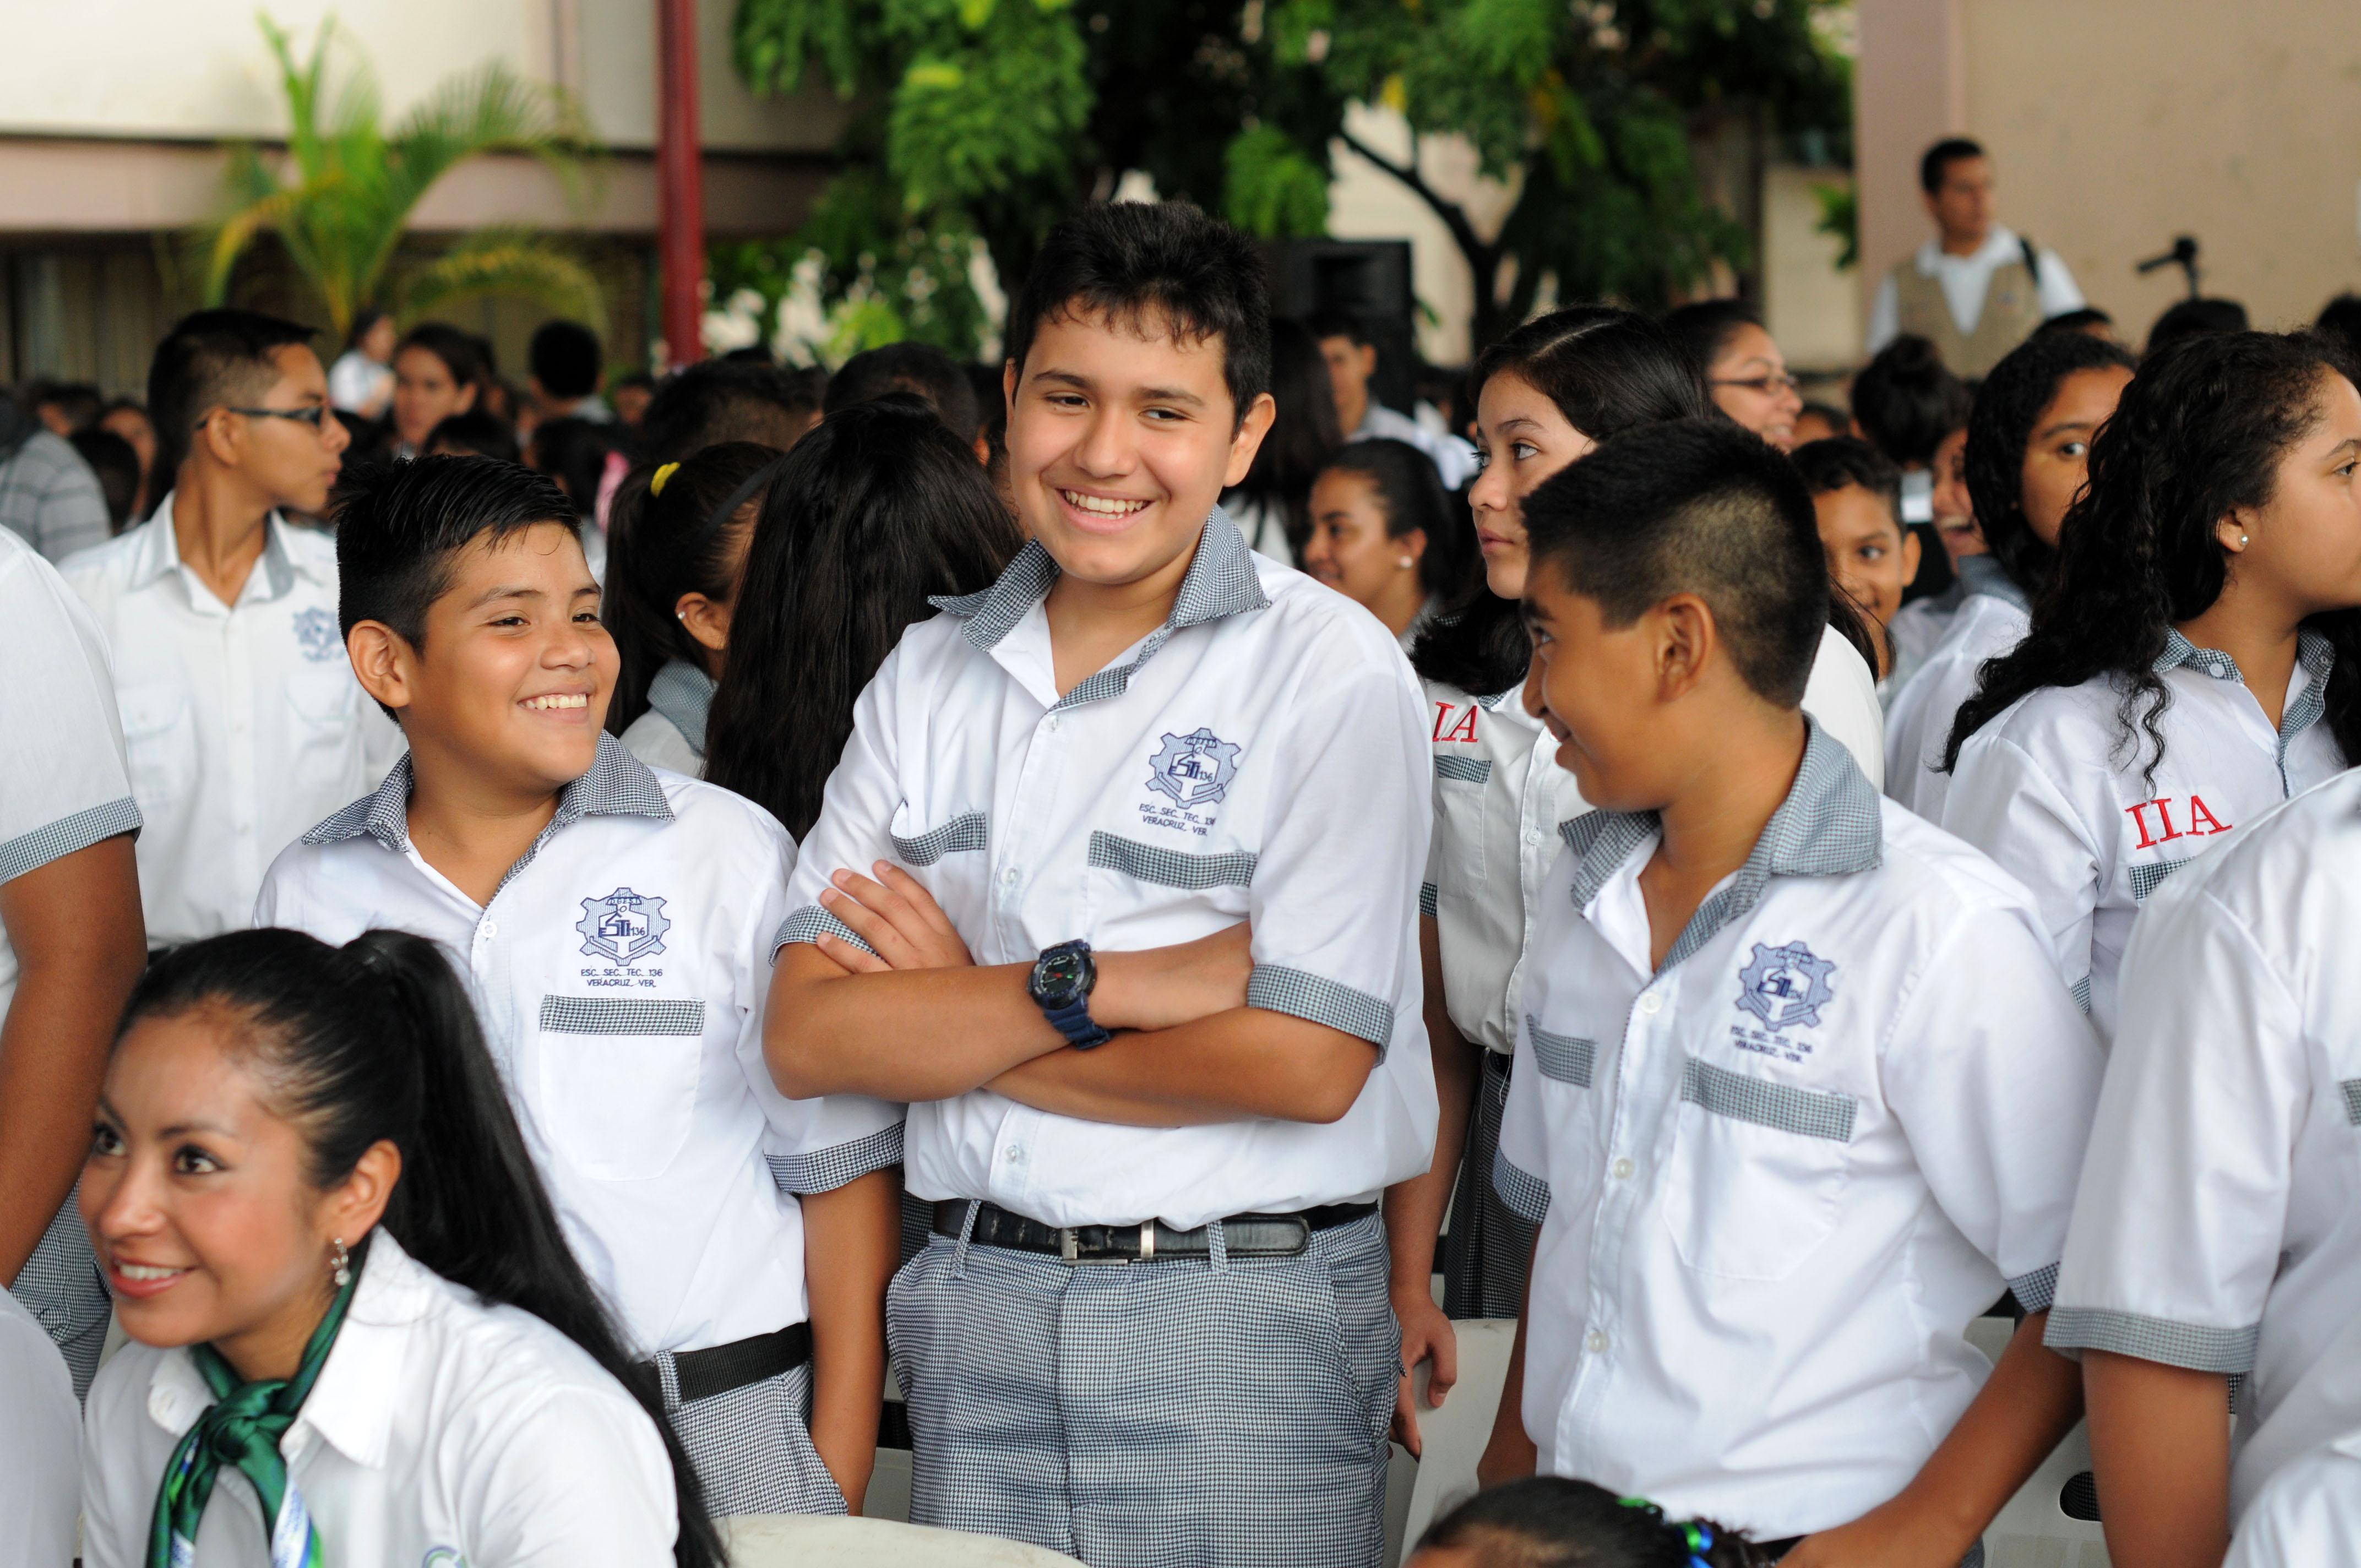 Se venden drogas afuera de escuelas de Xalapa, Veracruz y Boca del Río